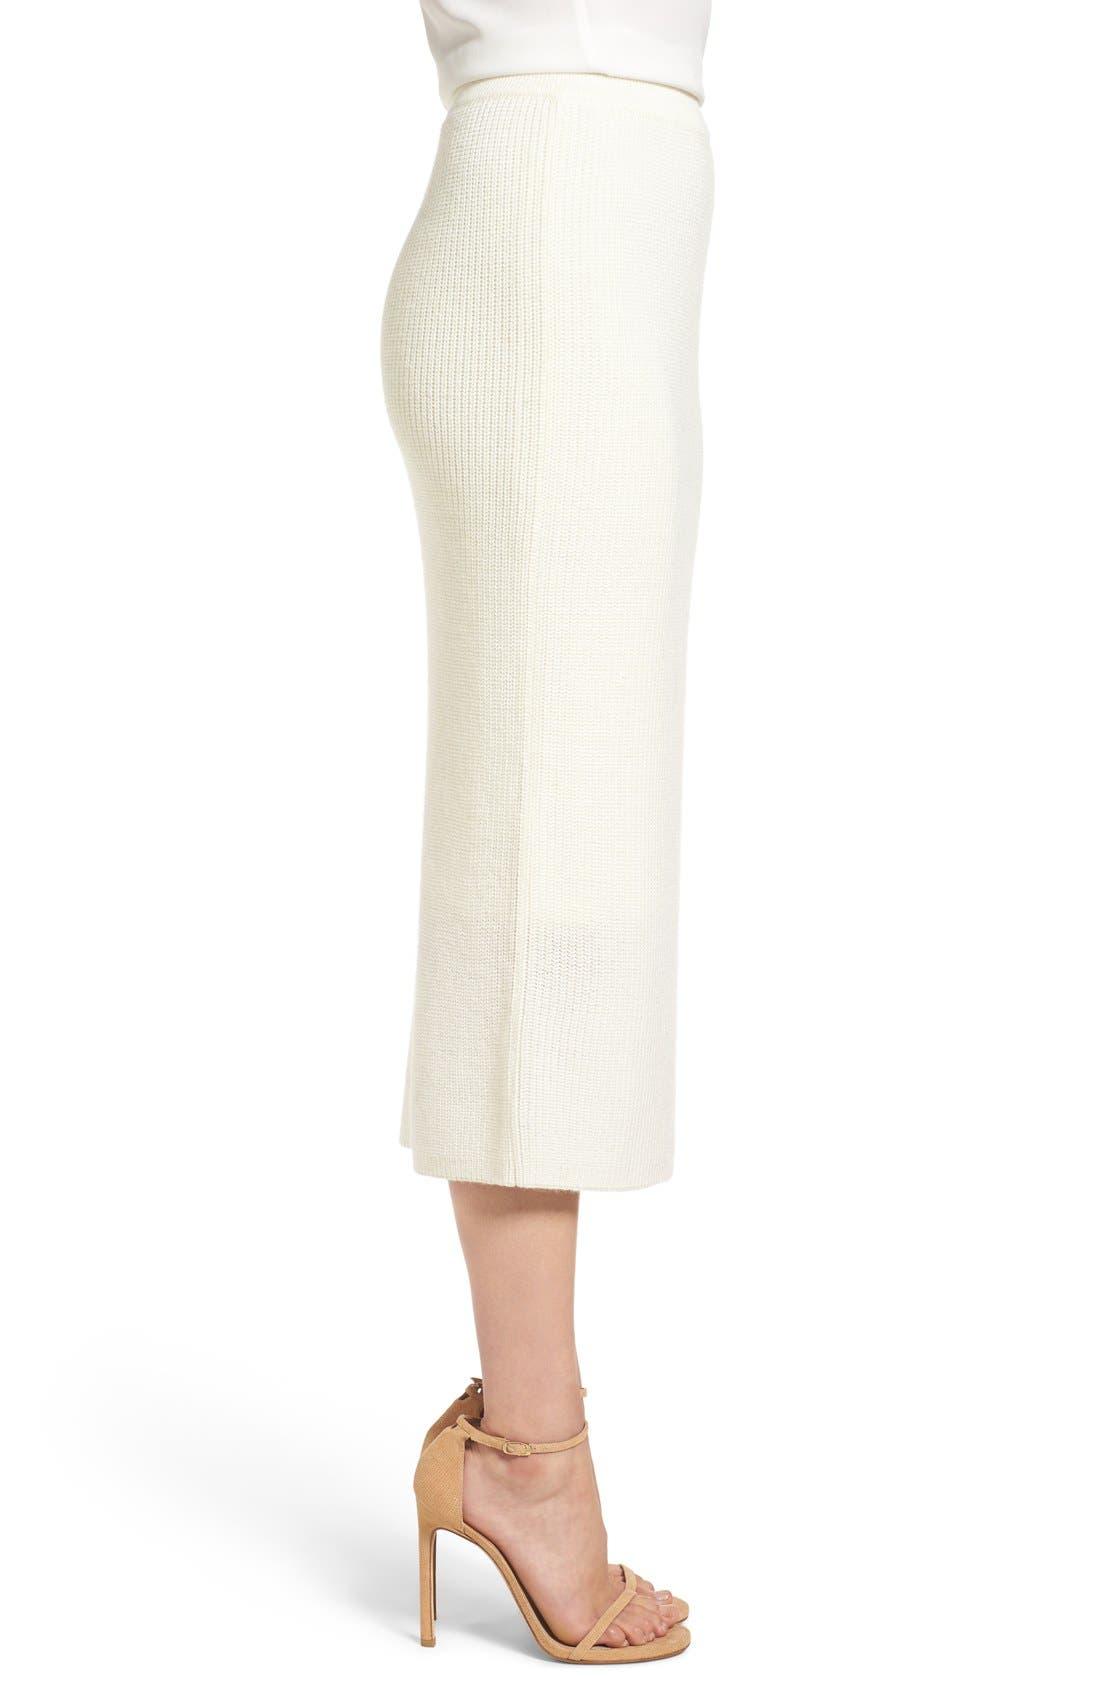 Alternate Image 3  - Paper Crown by Lauren Conrad 'Copenhagen' Knit Tube Skirt